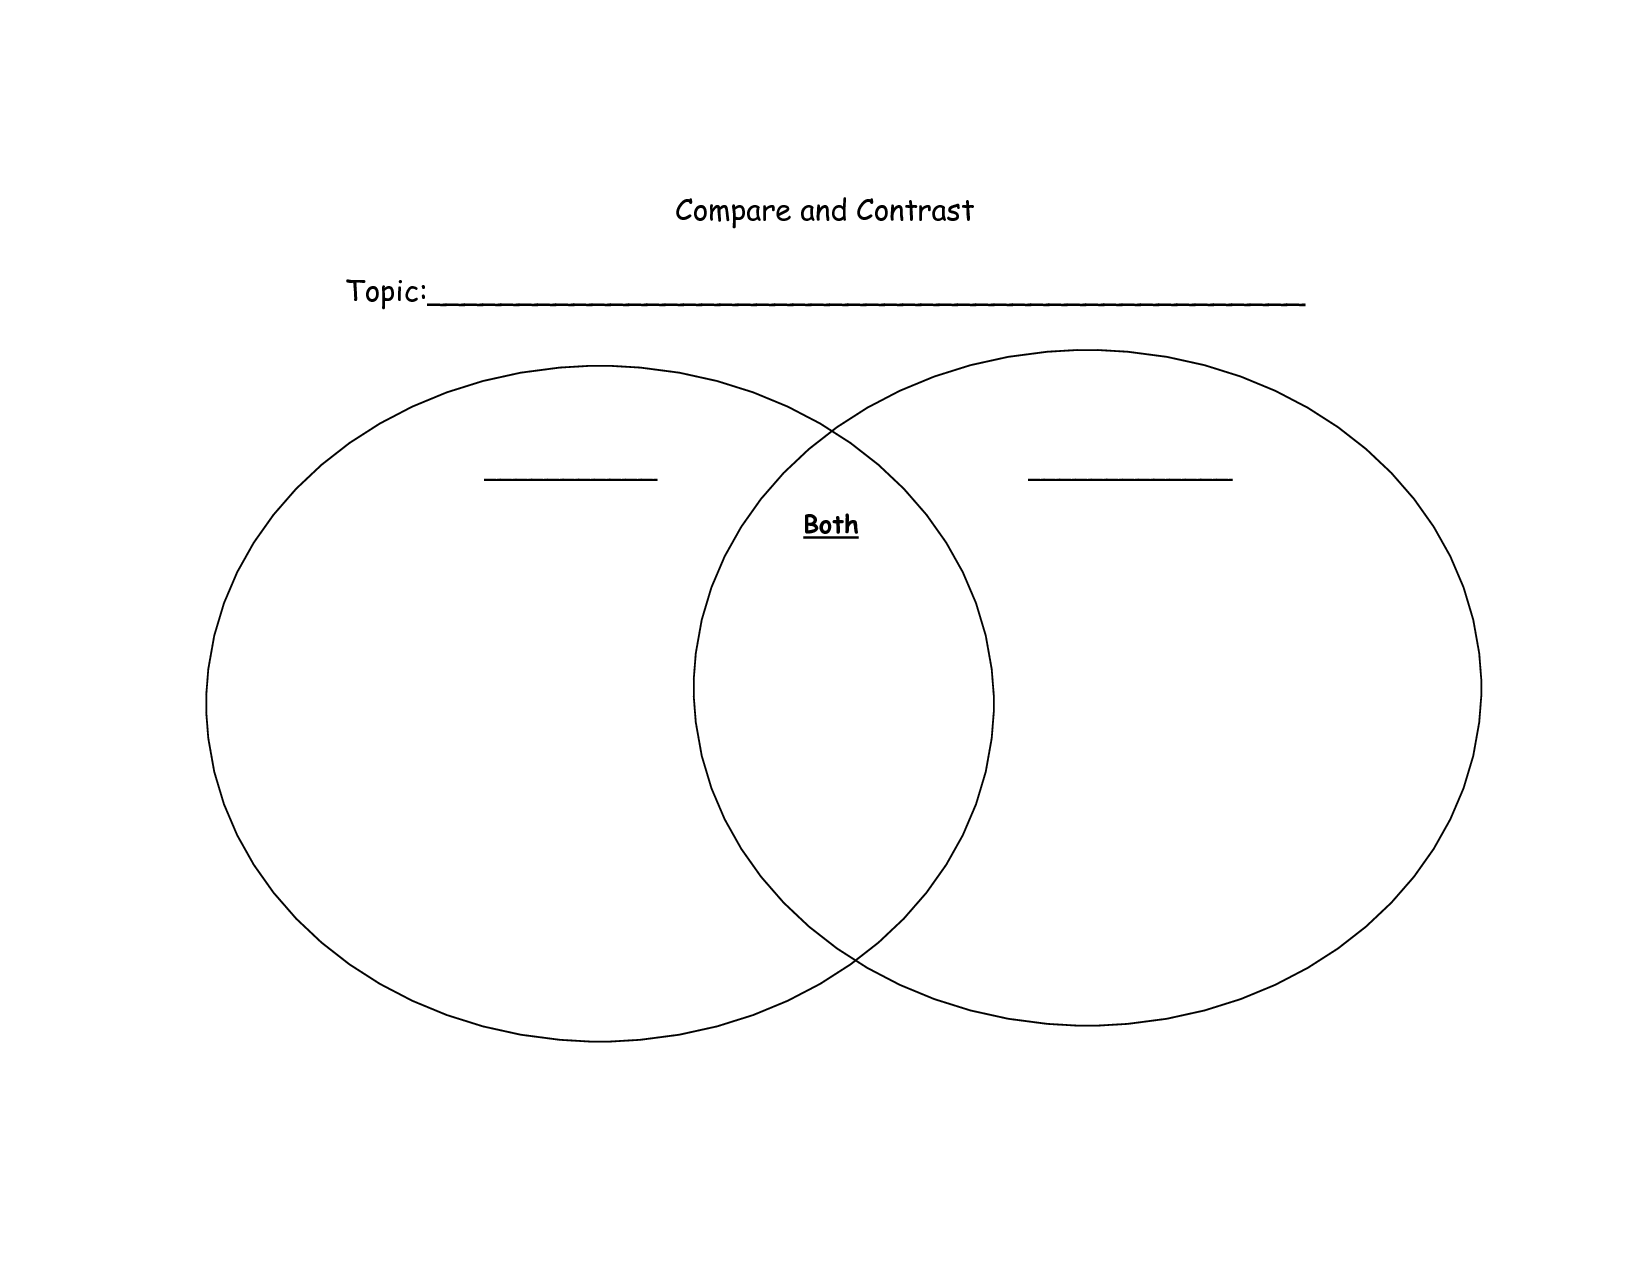 venn diagram templates venn diagram template doc [ 1650 x 1275 Pixel ]